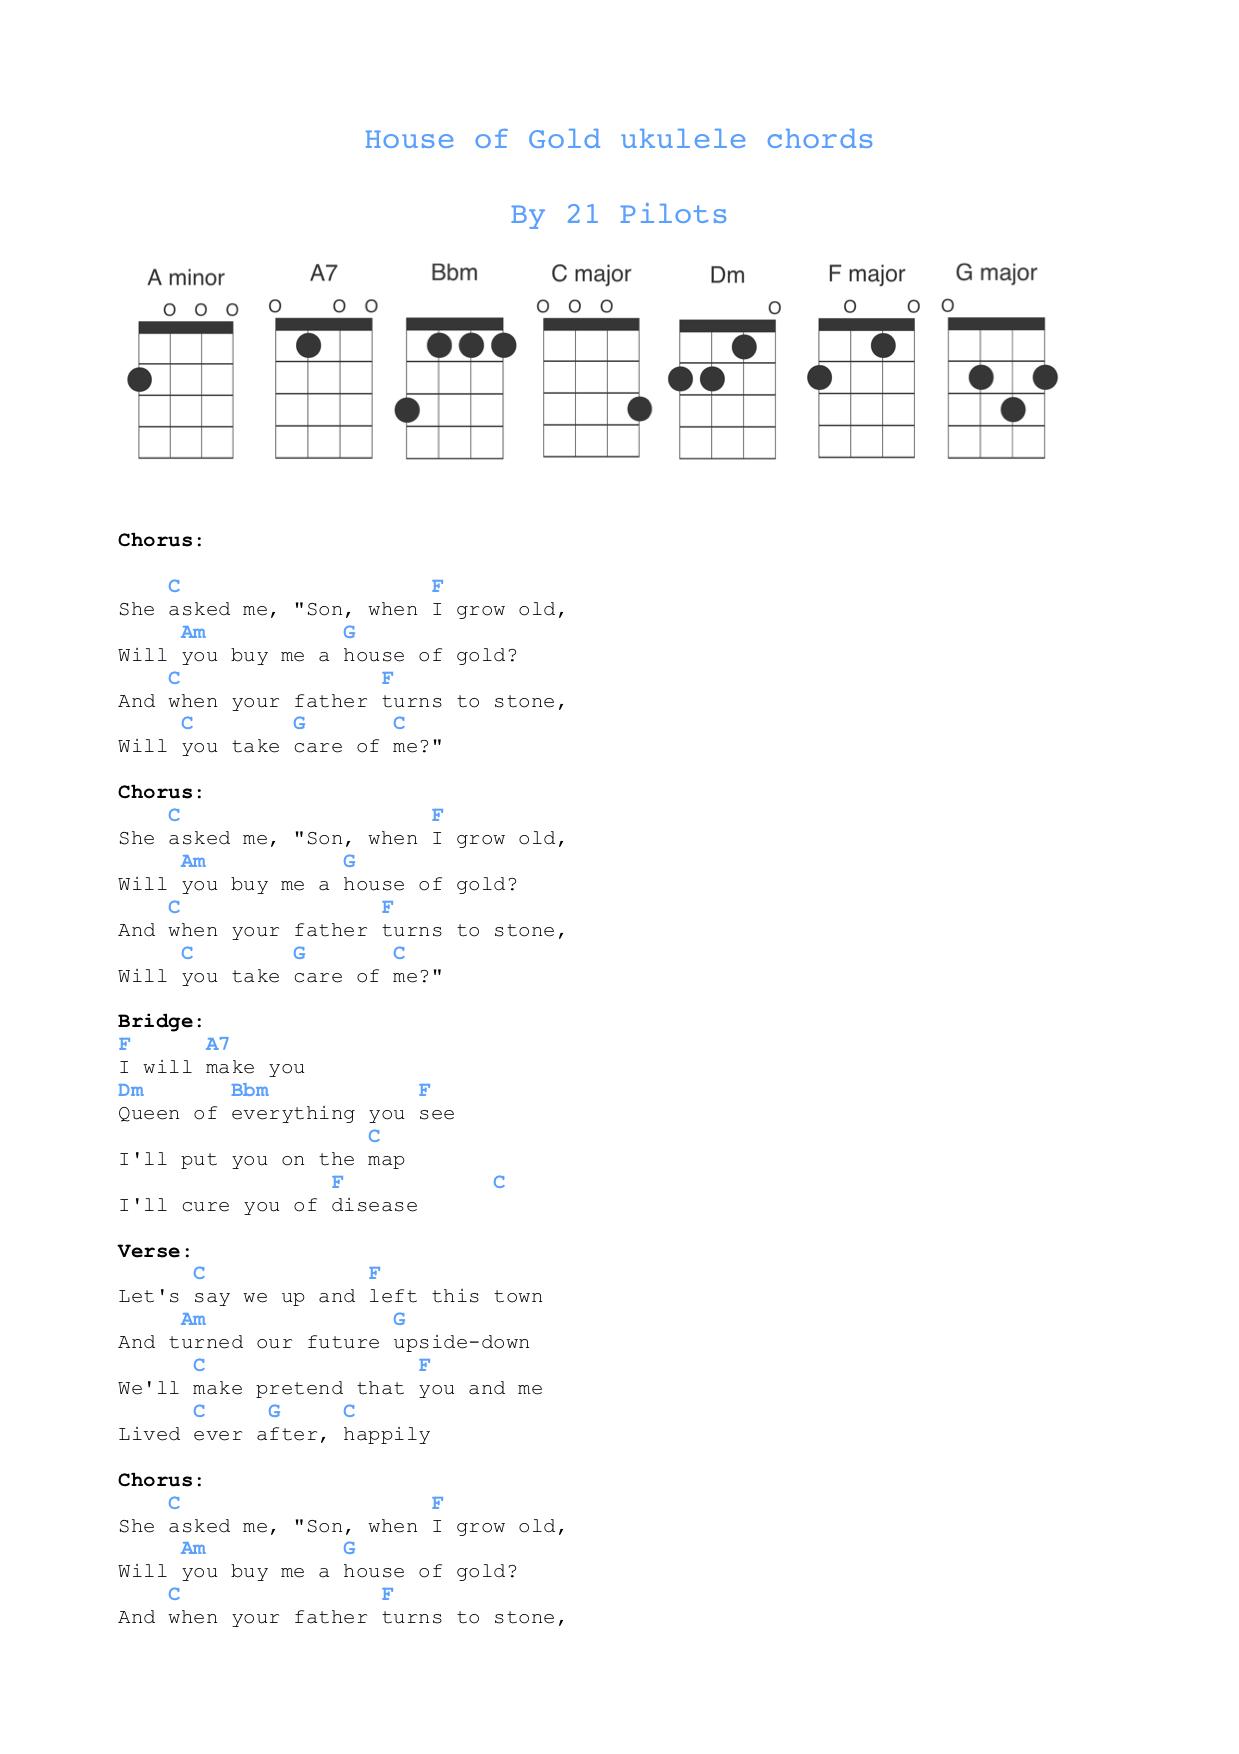 Twenty One Pilots Ukulele Chords House Of Gold Ukulele Chords Free Sheet Music